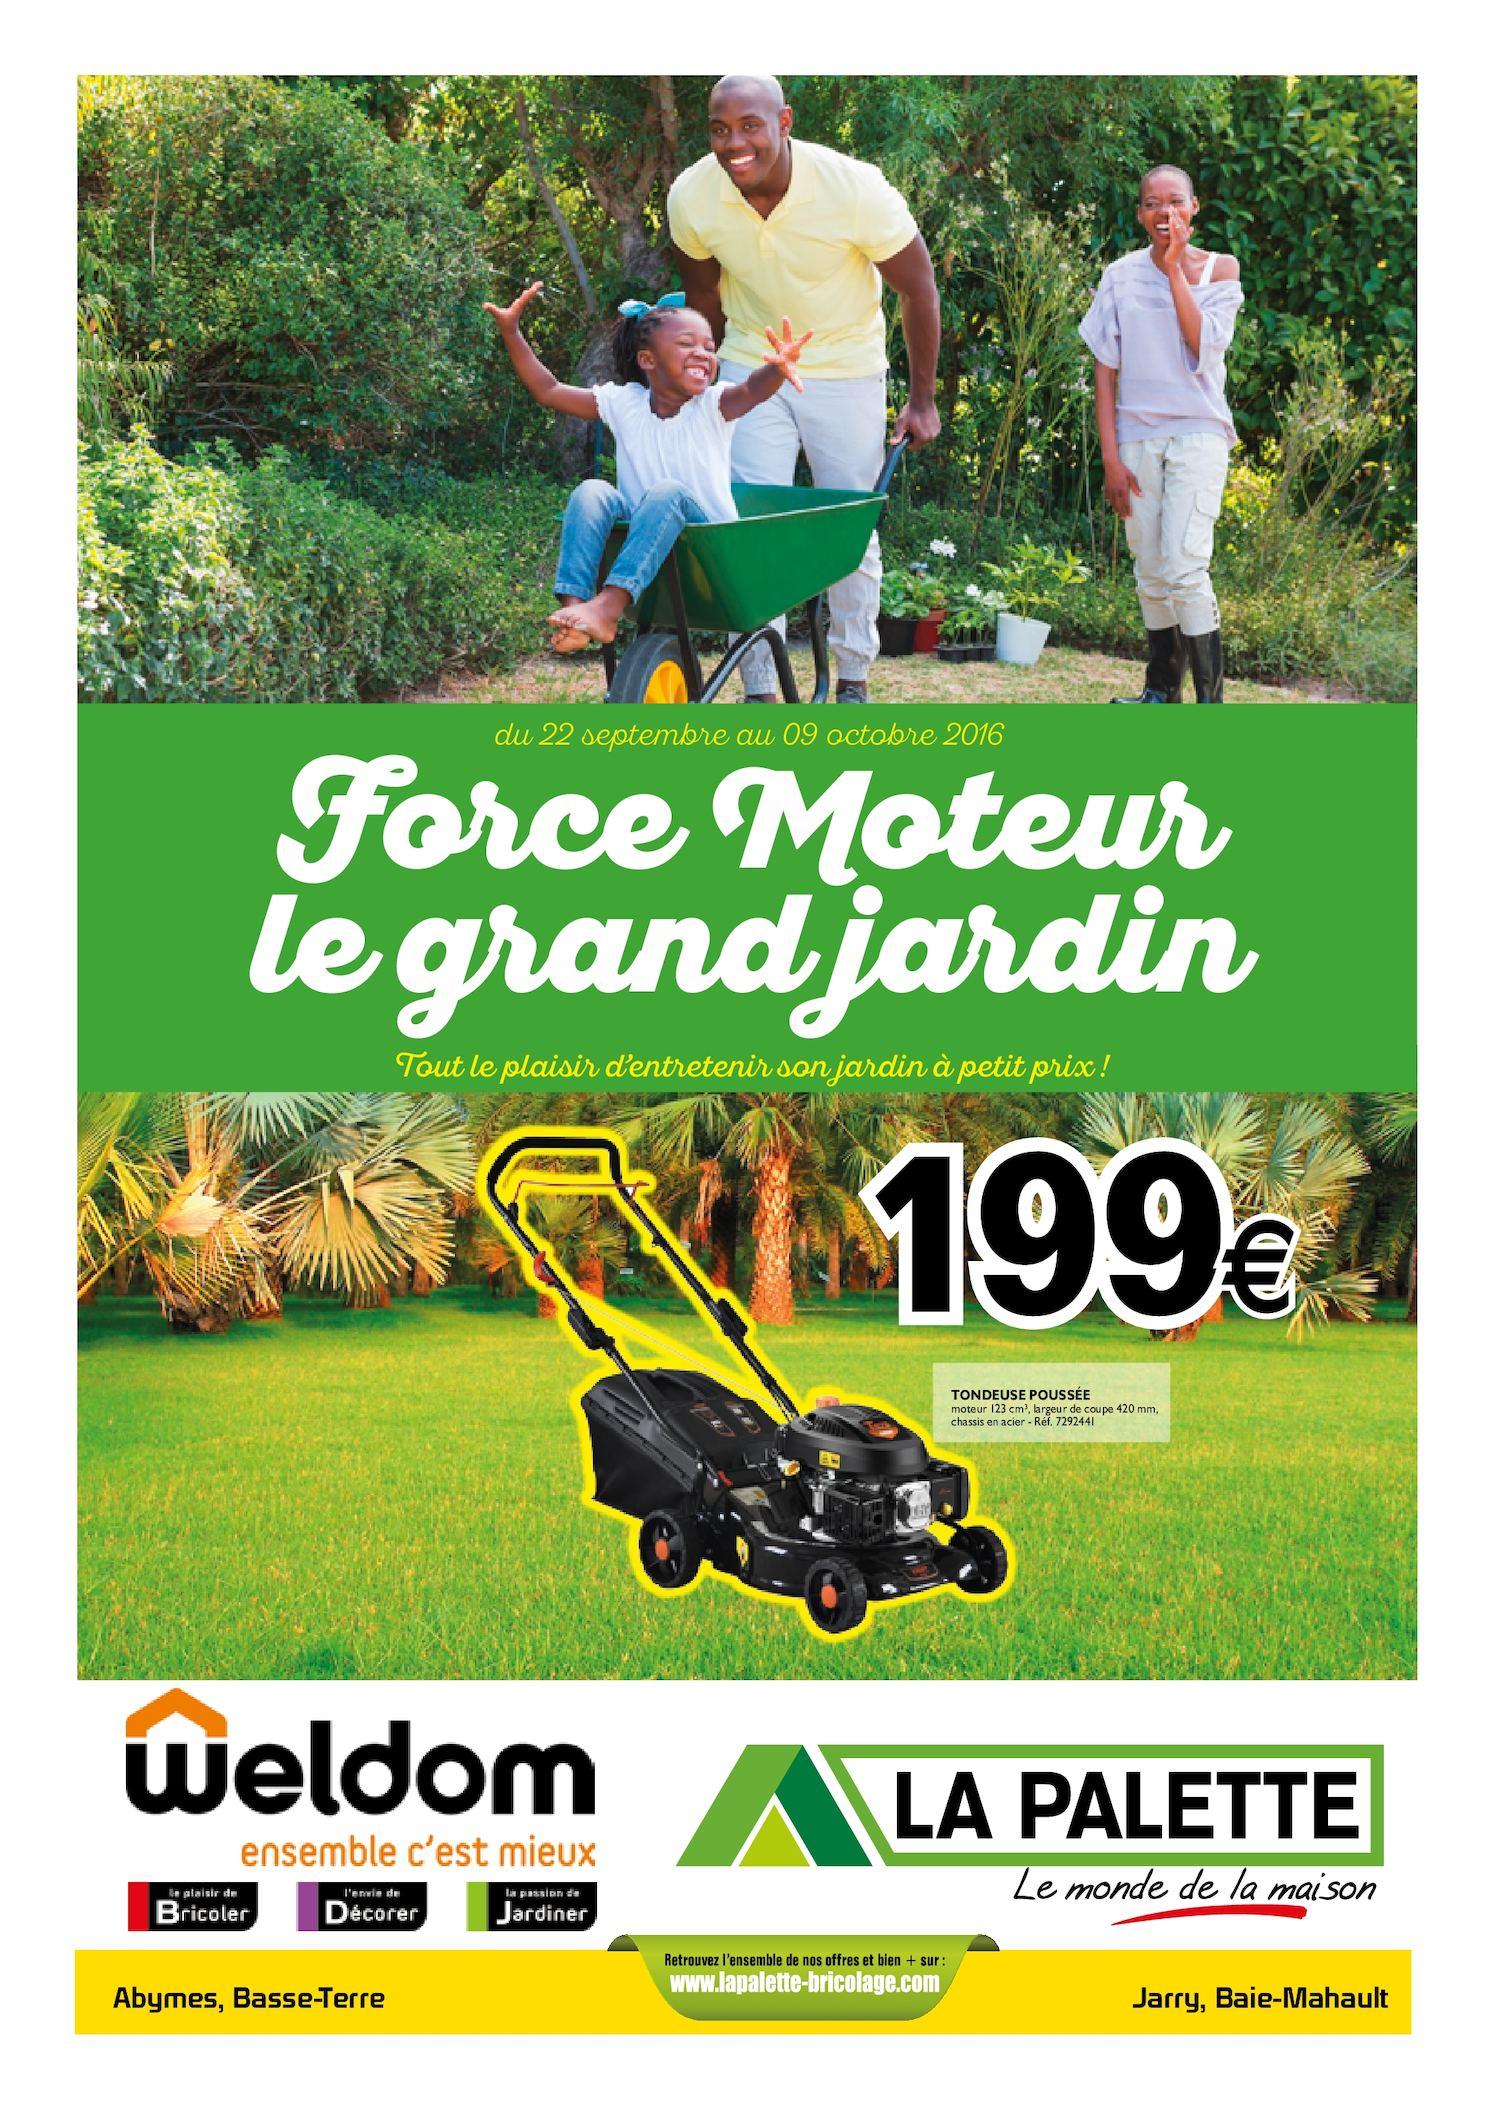 Calaméo Force Moteur La Palette Weldom